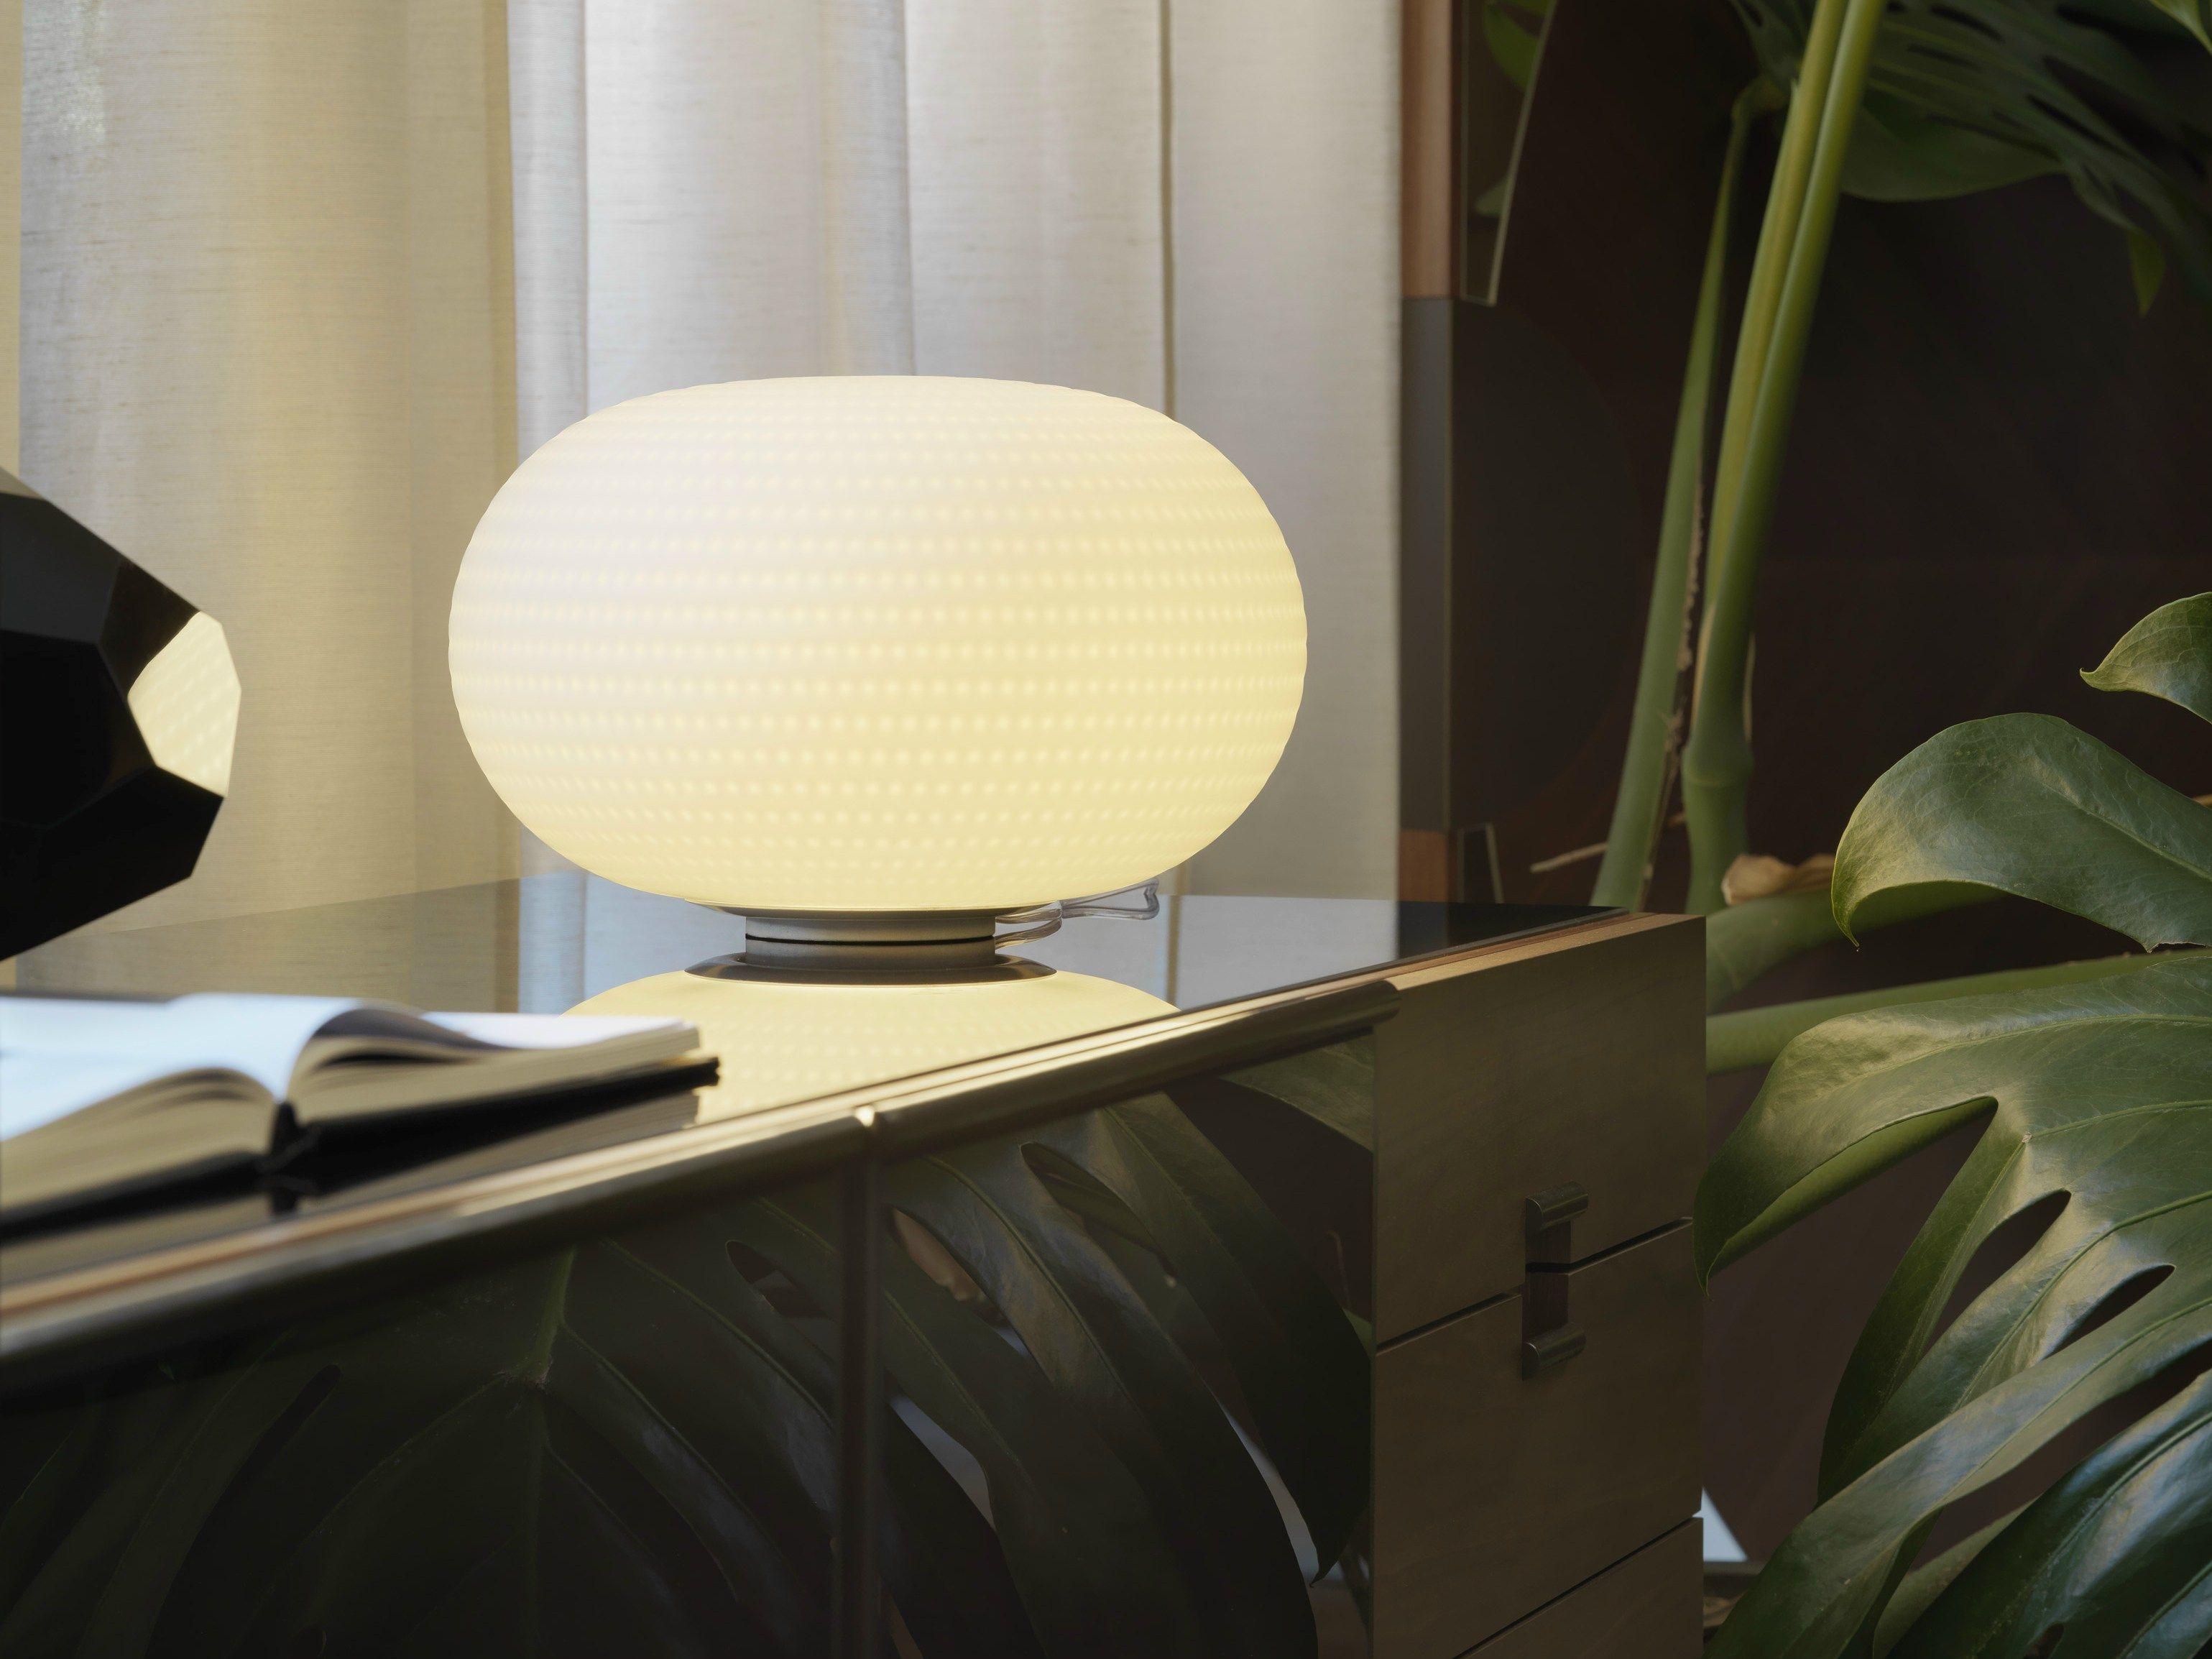 Illuminazione Camera Da Letto Led : Bianca lampada da tavolo light design tavolo illuminazione e